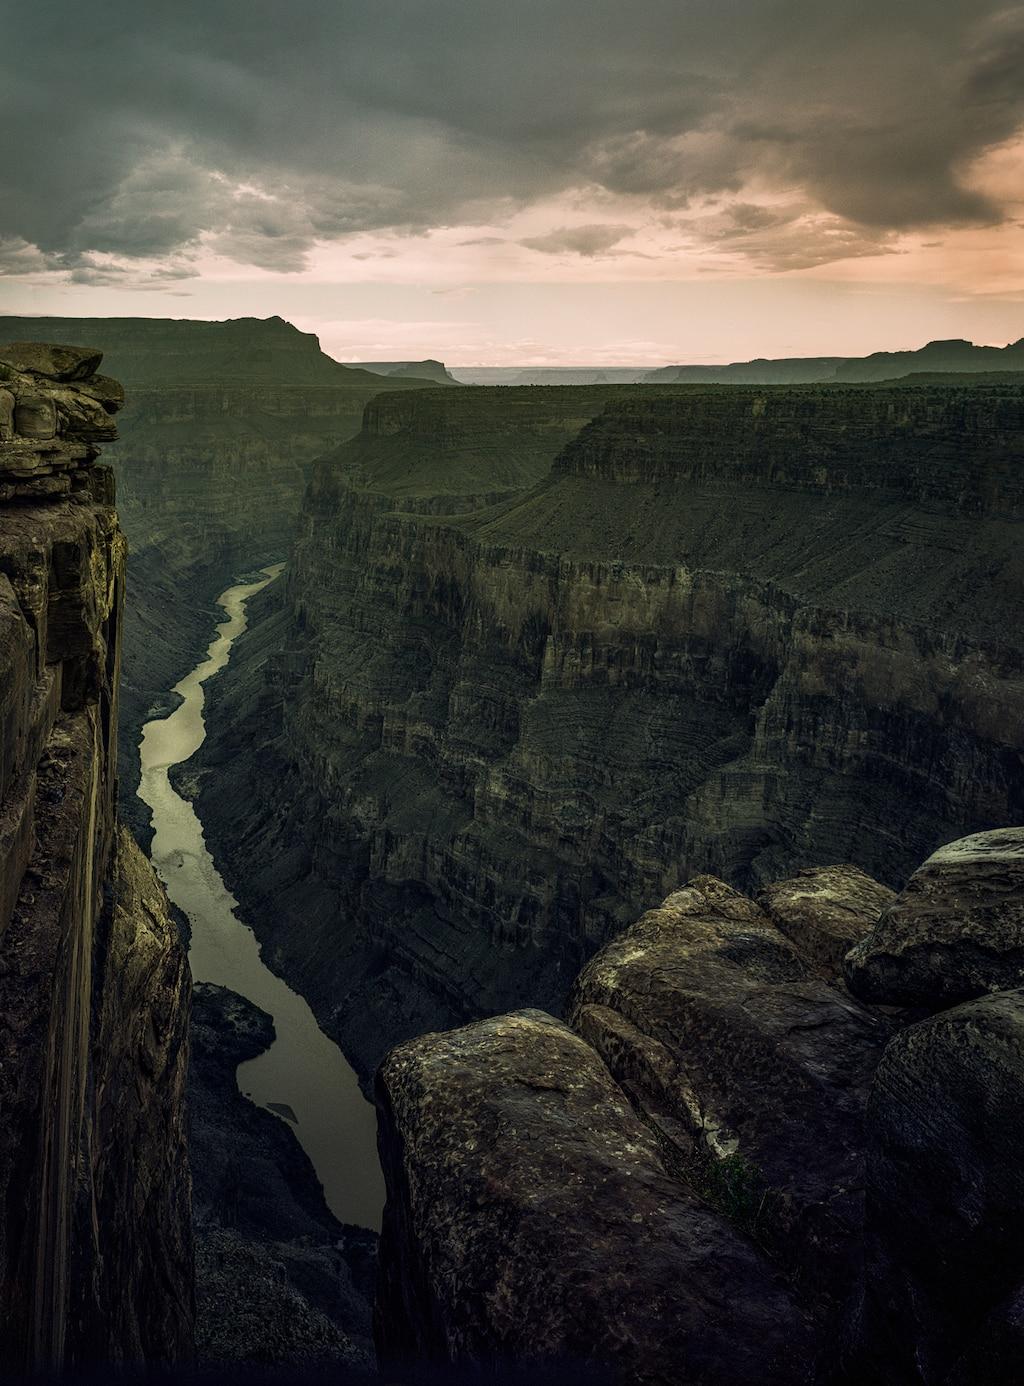 Plano general del río Colorado, visto desde arriba en el mirador Toroweap en el borde norte del Gran Cañón.